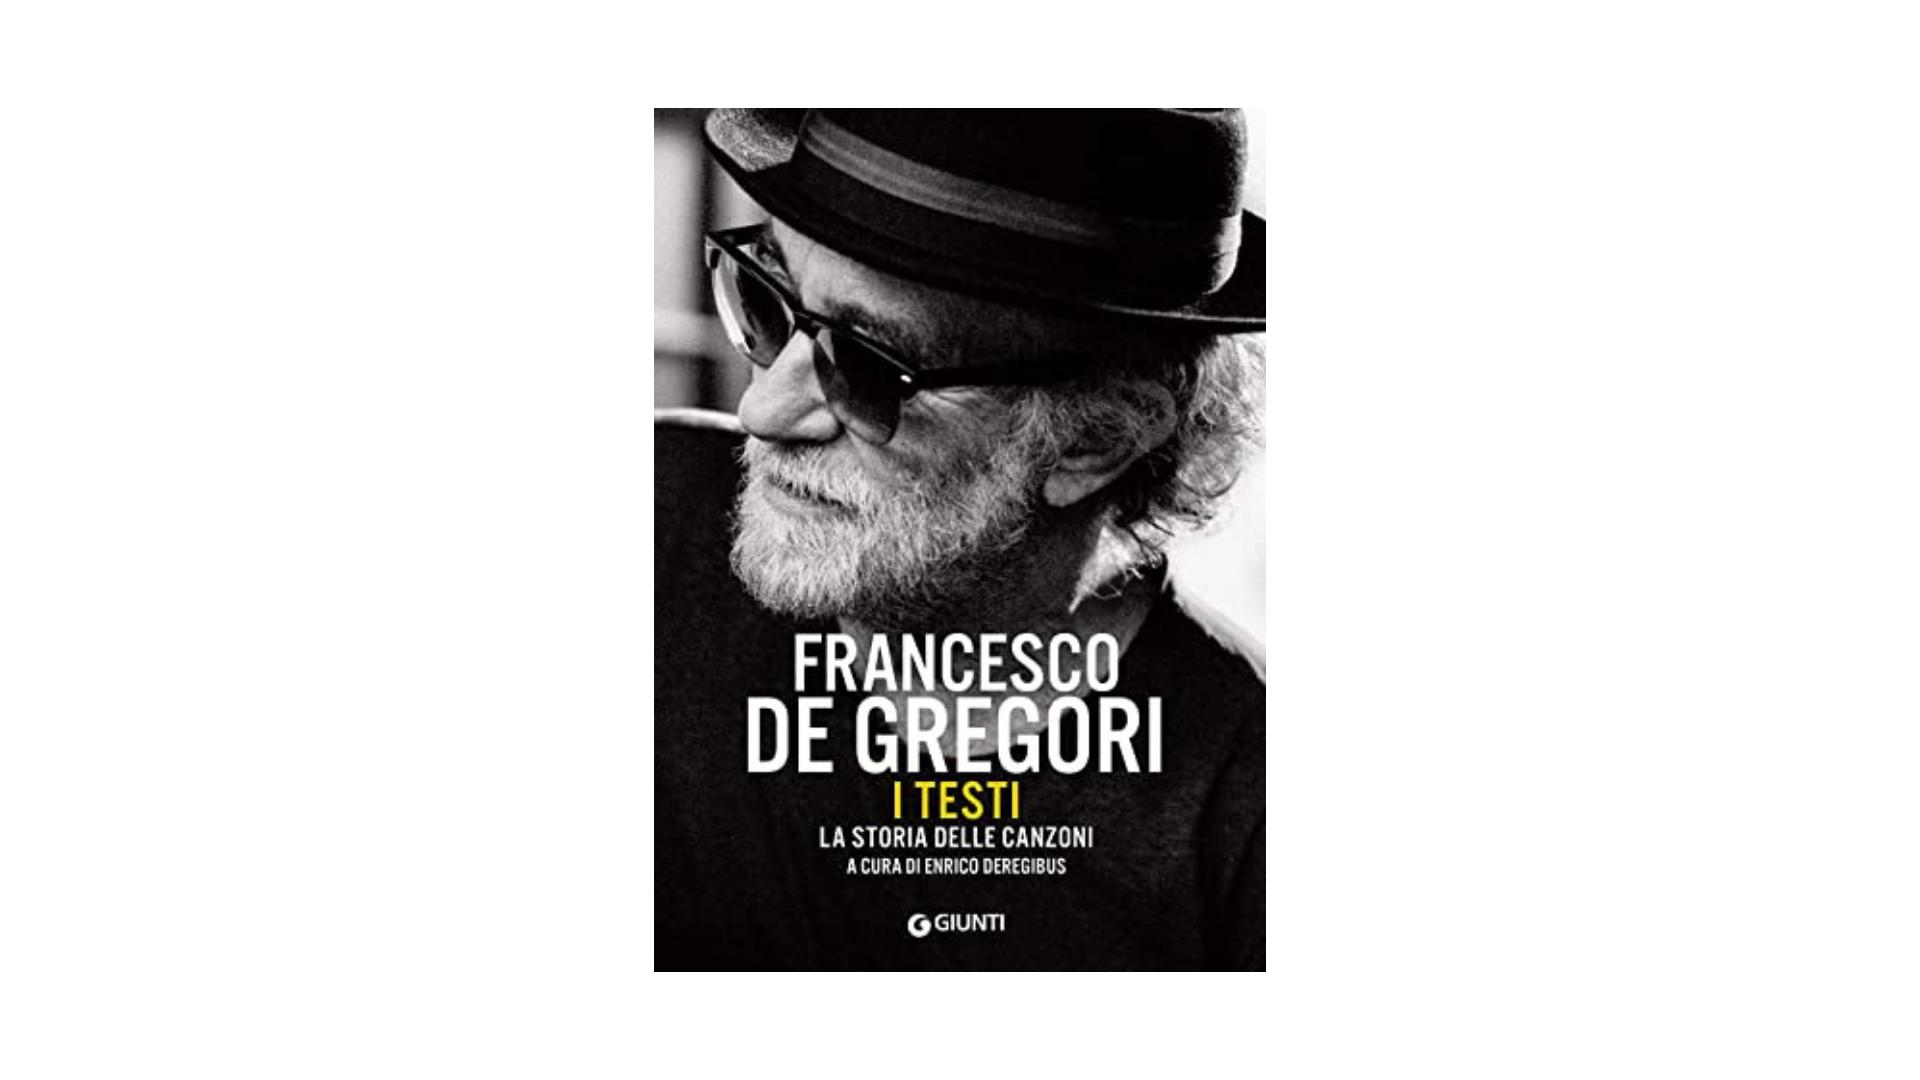 Enrico Deregibus Premio Enriquez libro Francesco De Gregori